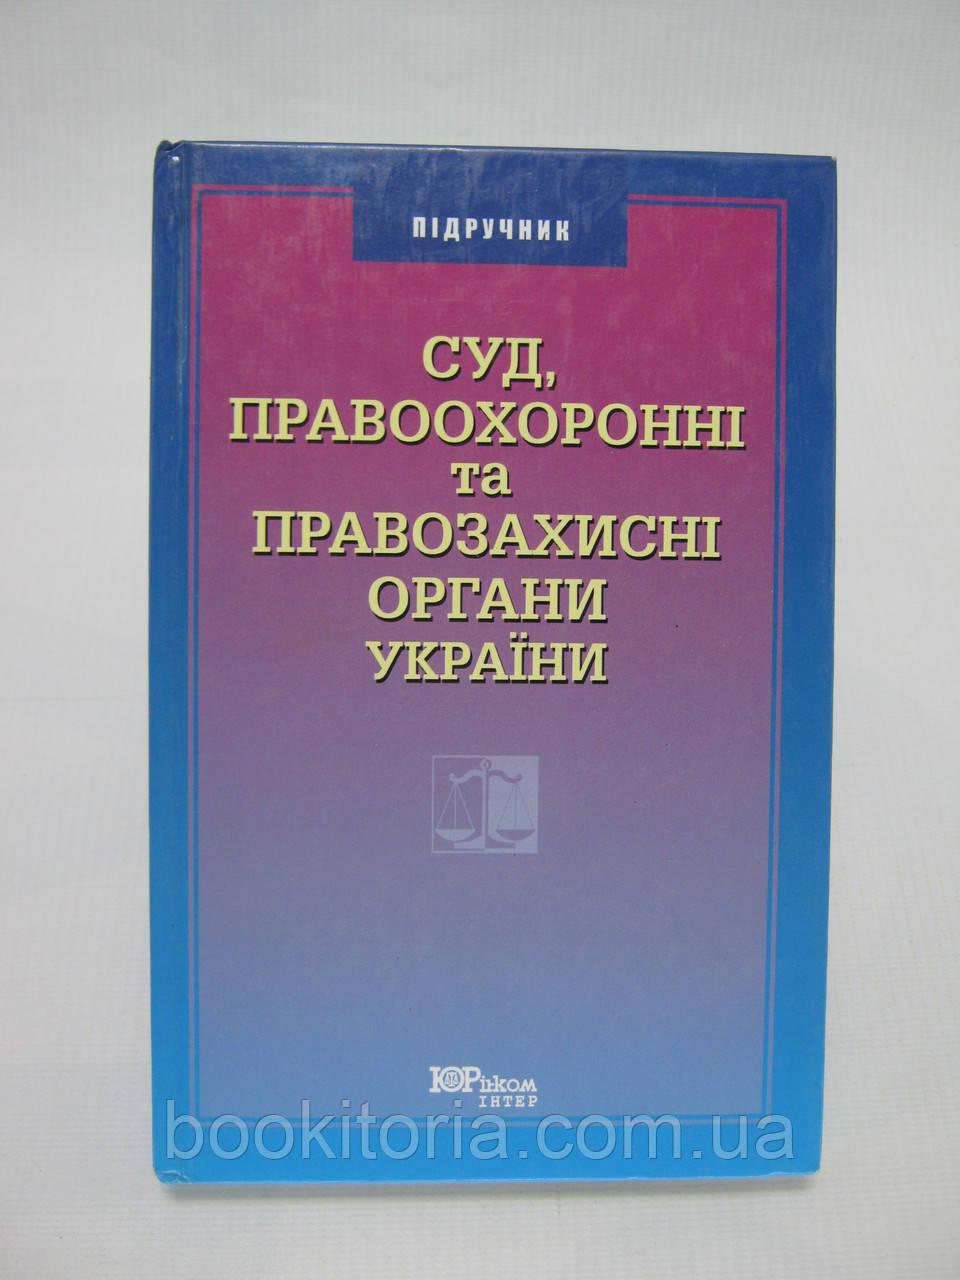 Захарова О.С. та ін. Суд, правоохоронні та правозахисні органи України (б/у).